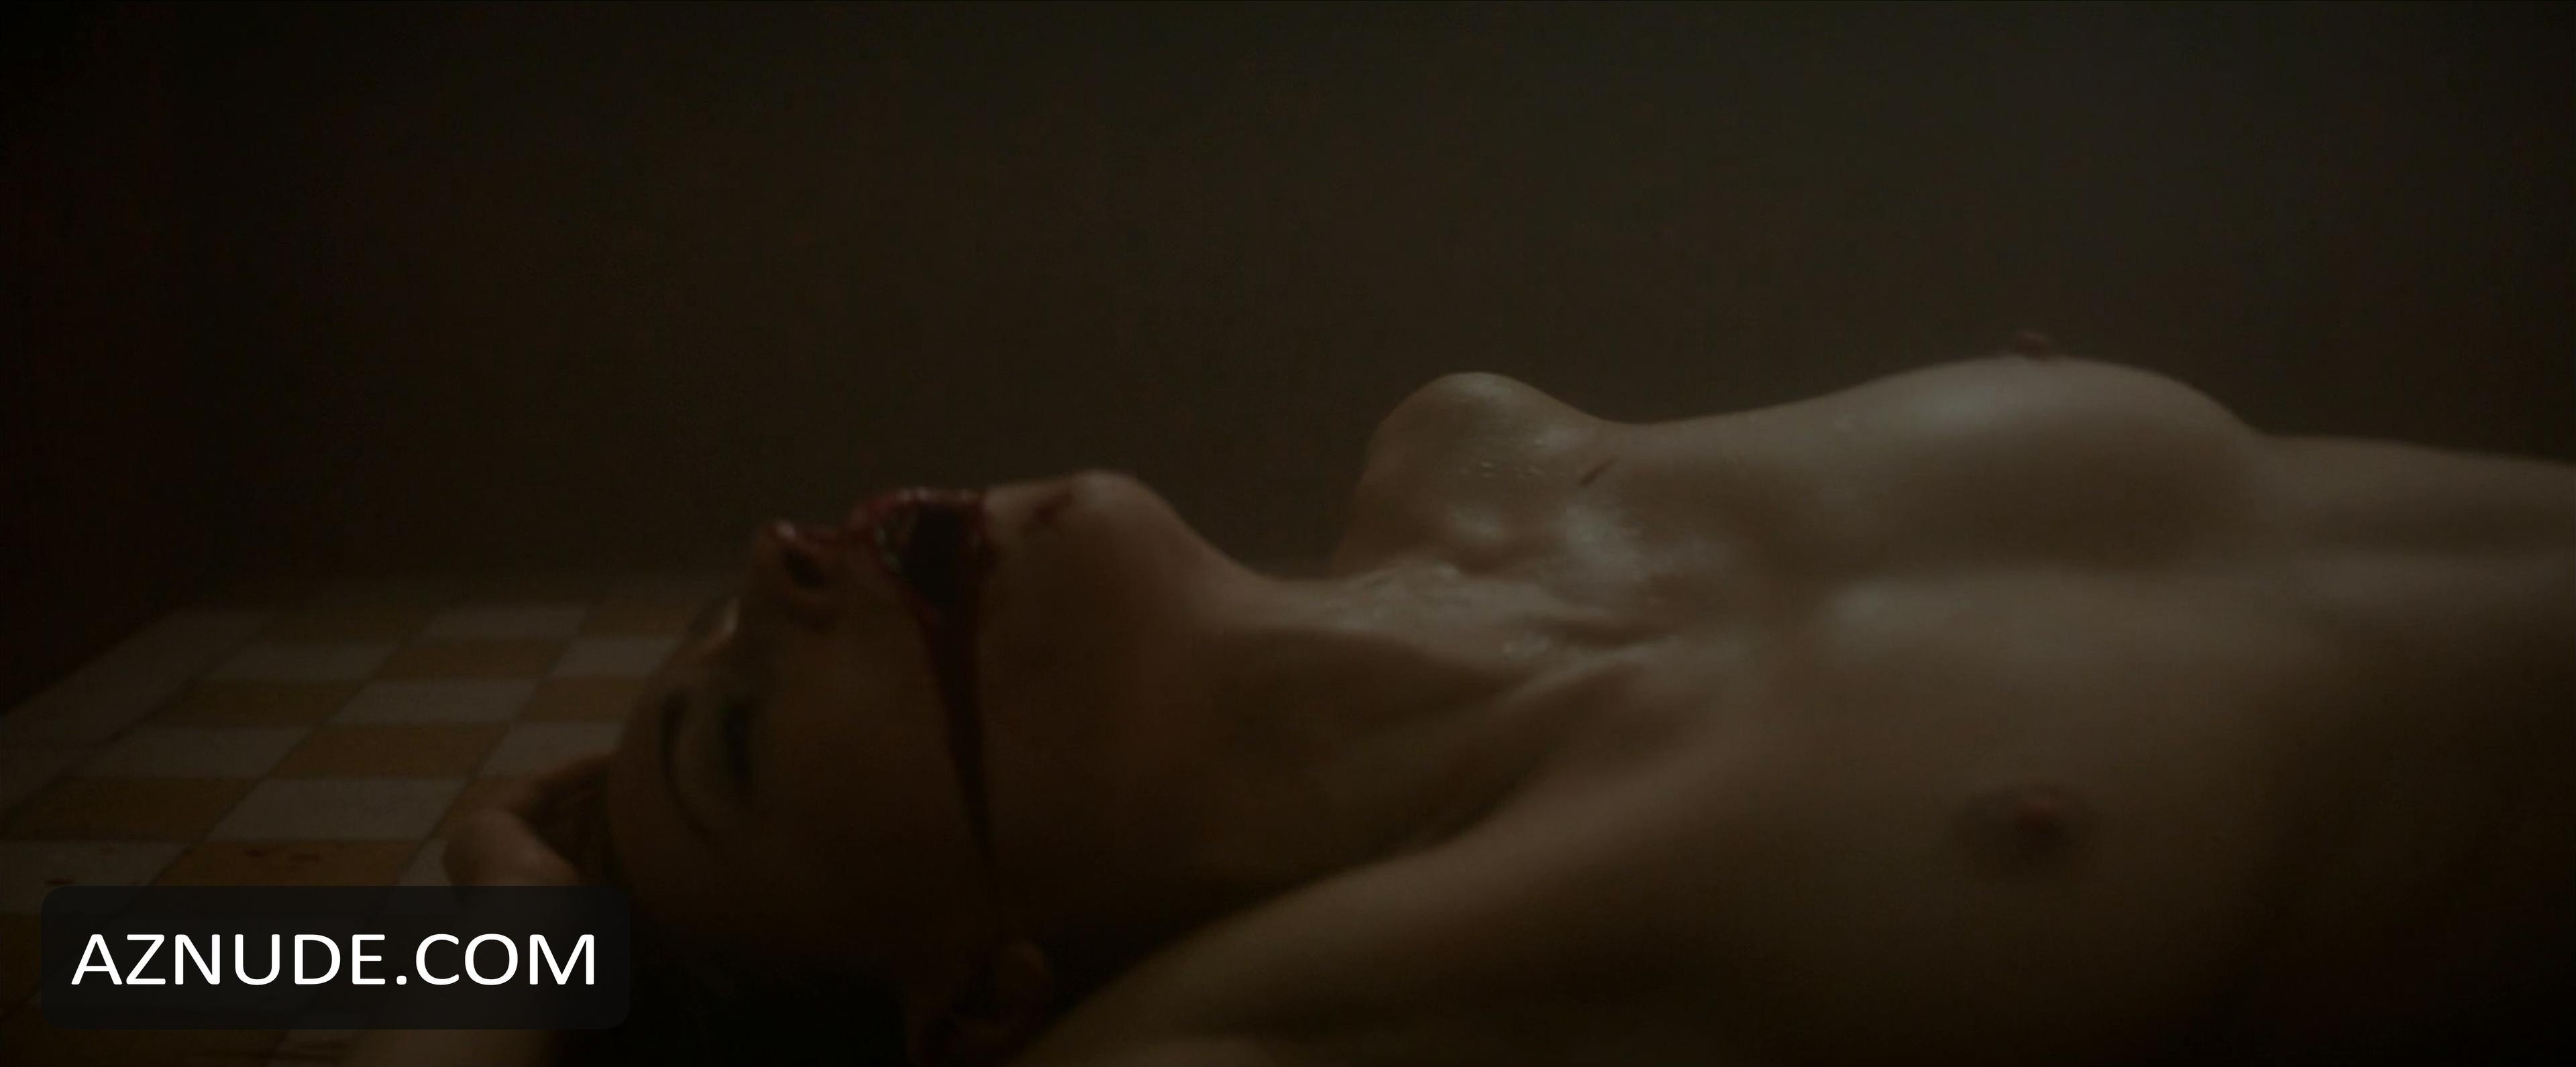 Amy O Neill Nude nicole o'neill nude - aznude